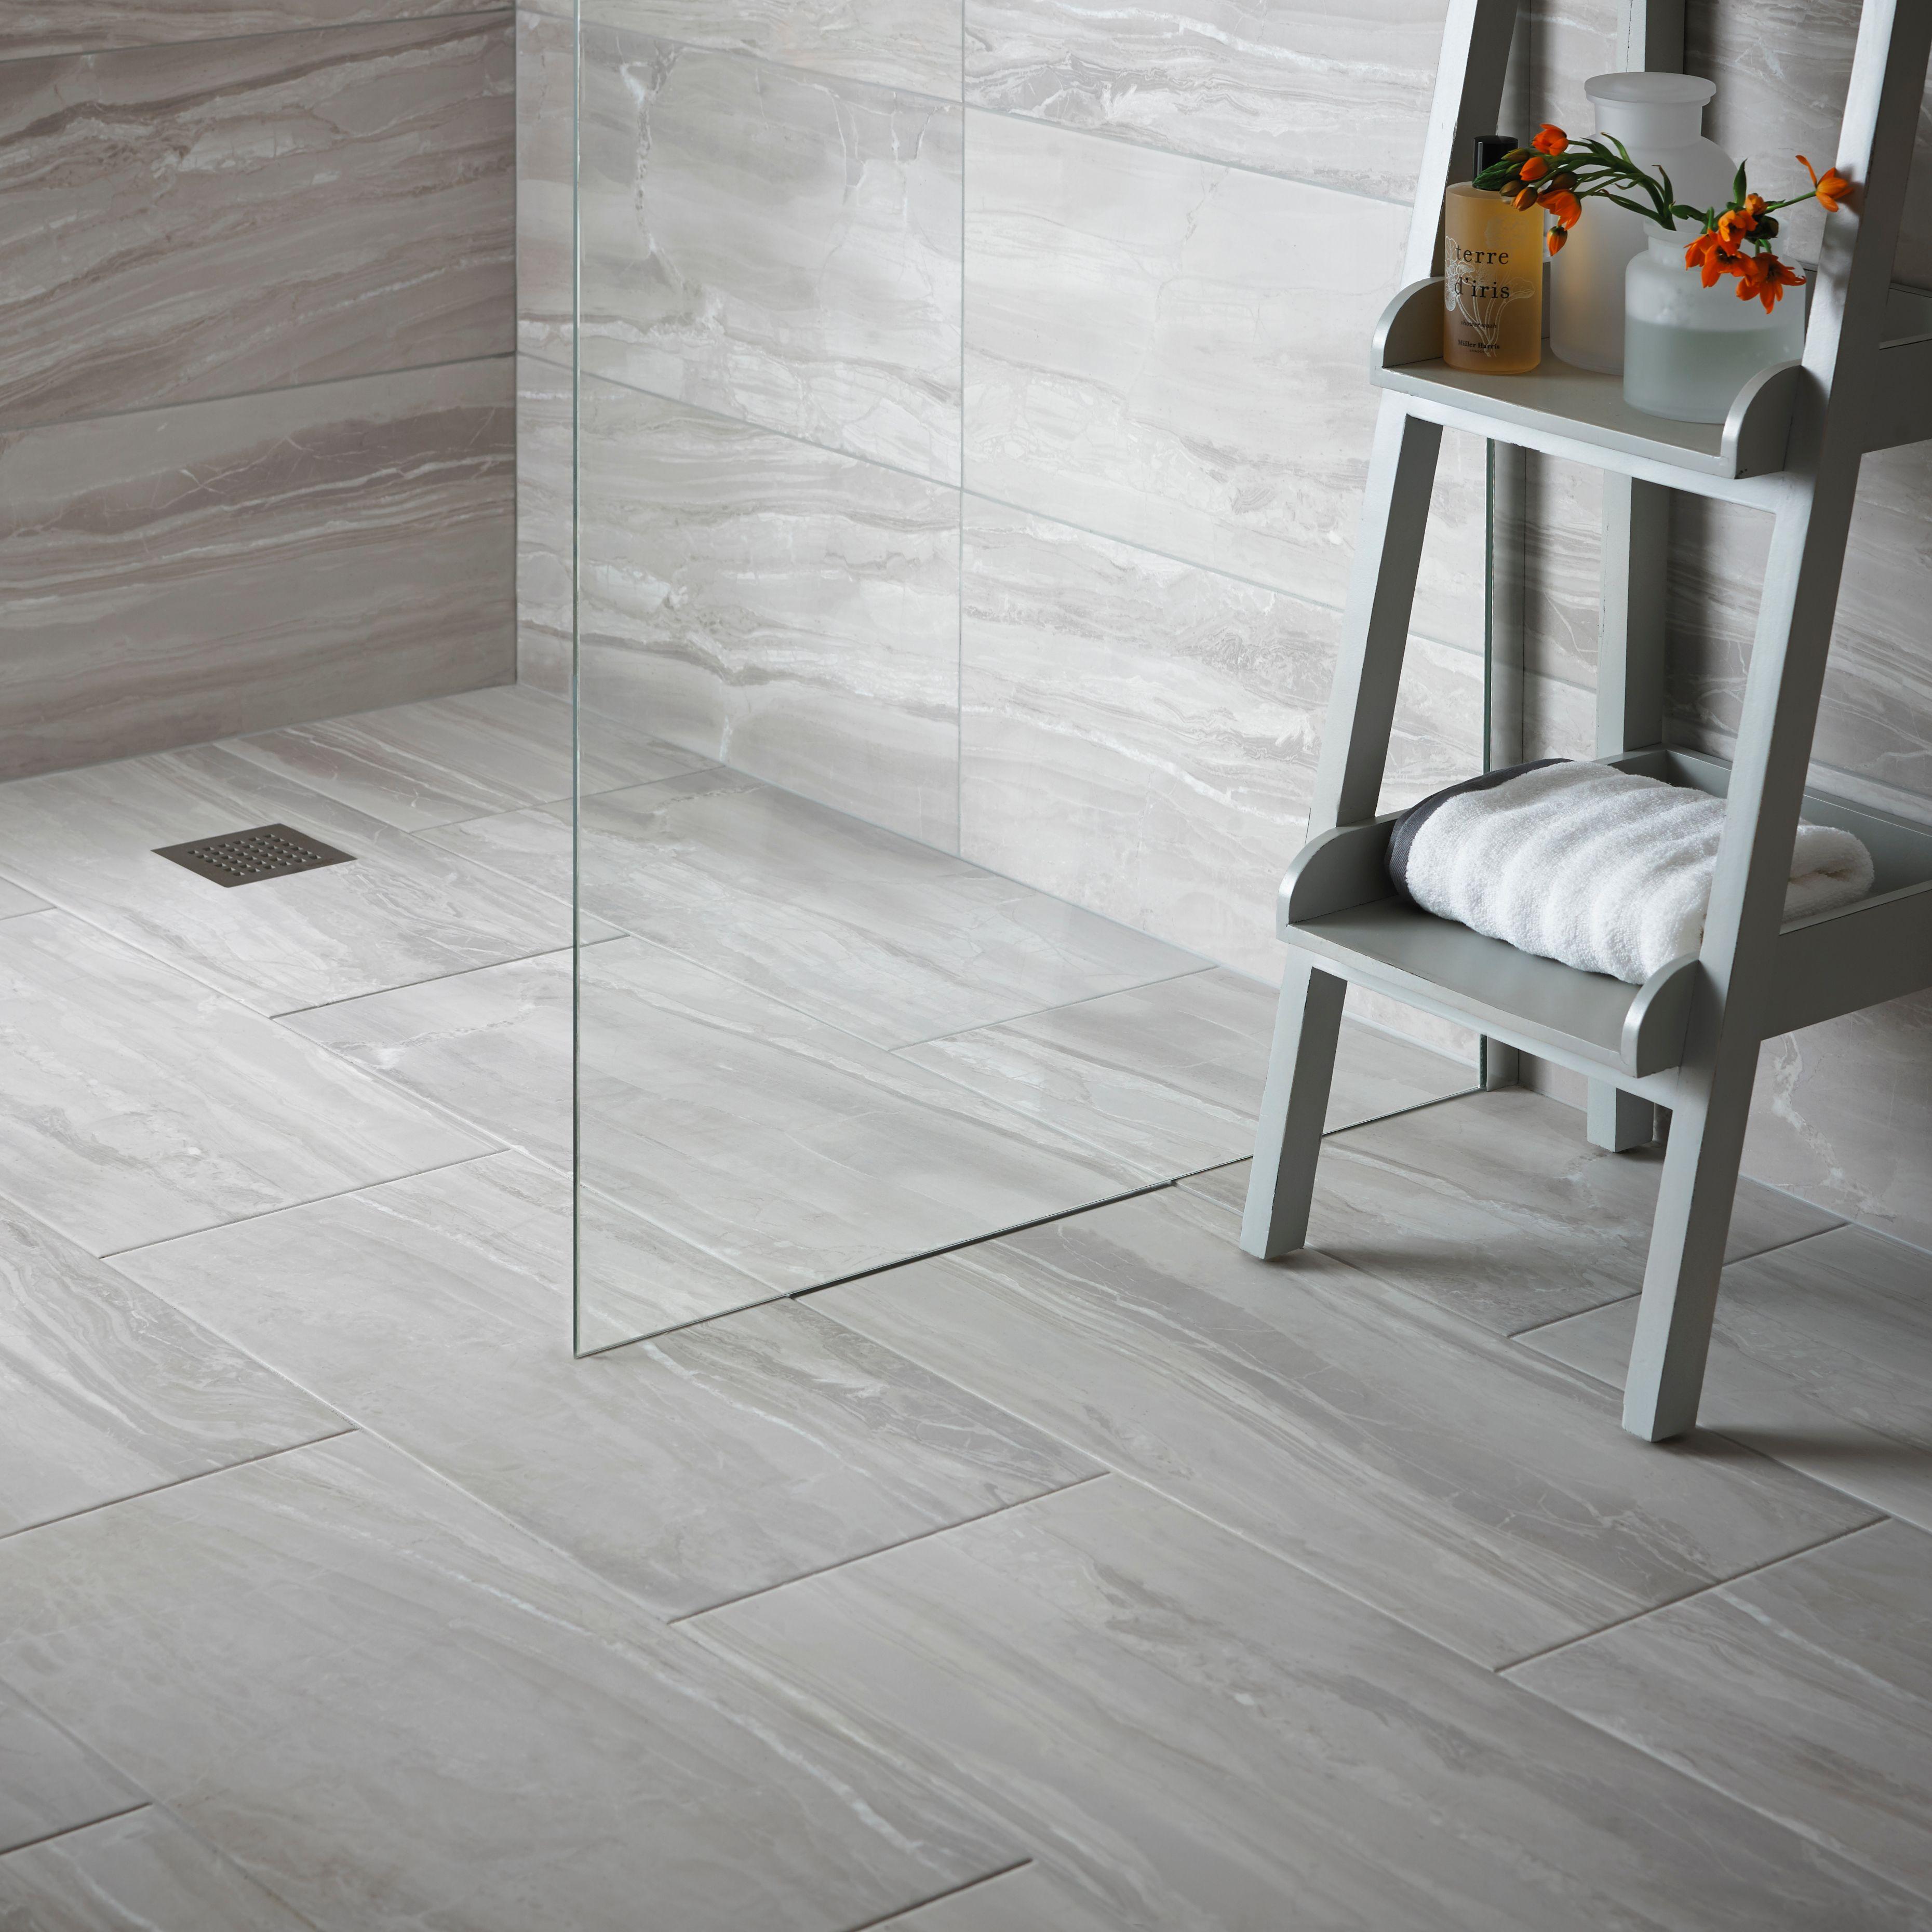 Fossilised Wood Pebble Stone Effect Ceramic Wall & Floor Tile, Pack ...